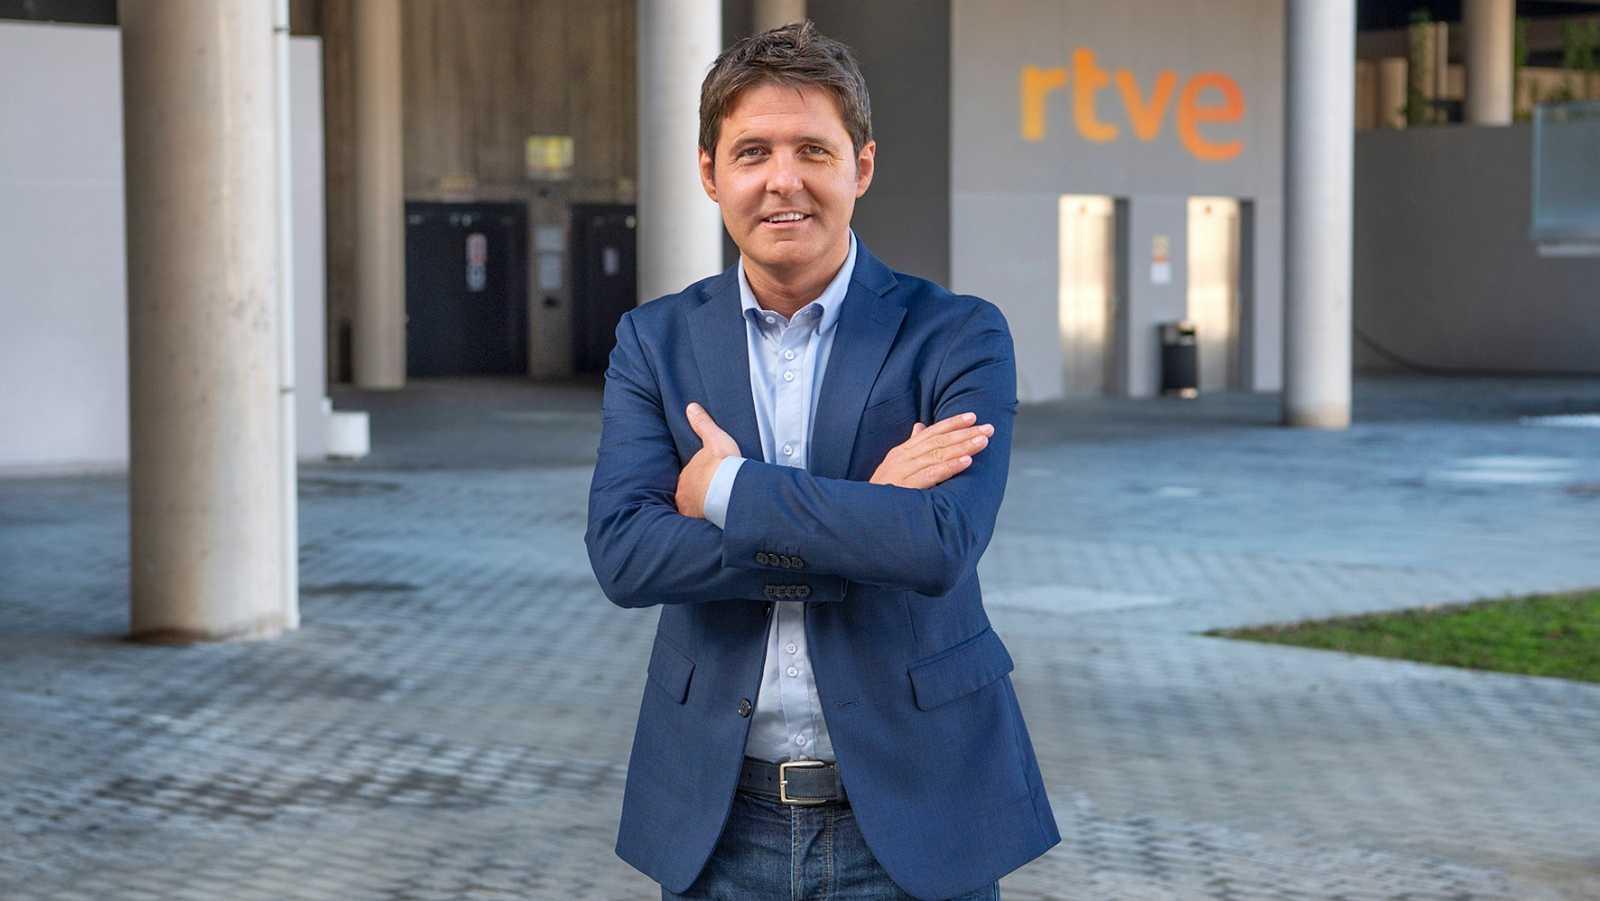 El periodista Jesús Cintora, presentador del nuevo programa 'Las cosas claras', en La 1 de TVE | RTVE/Archivo